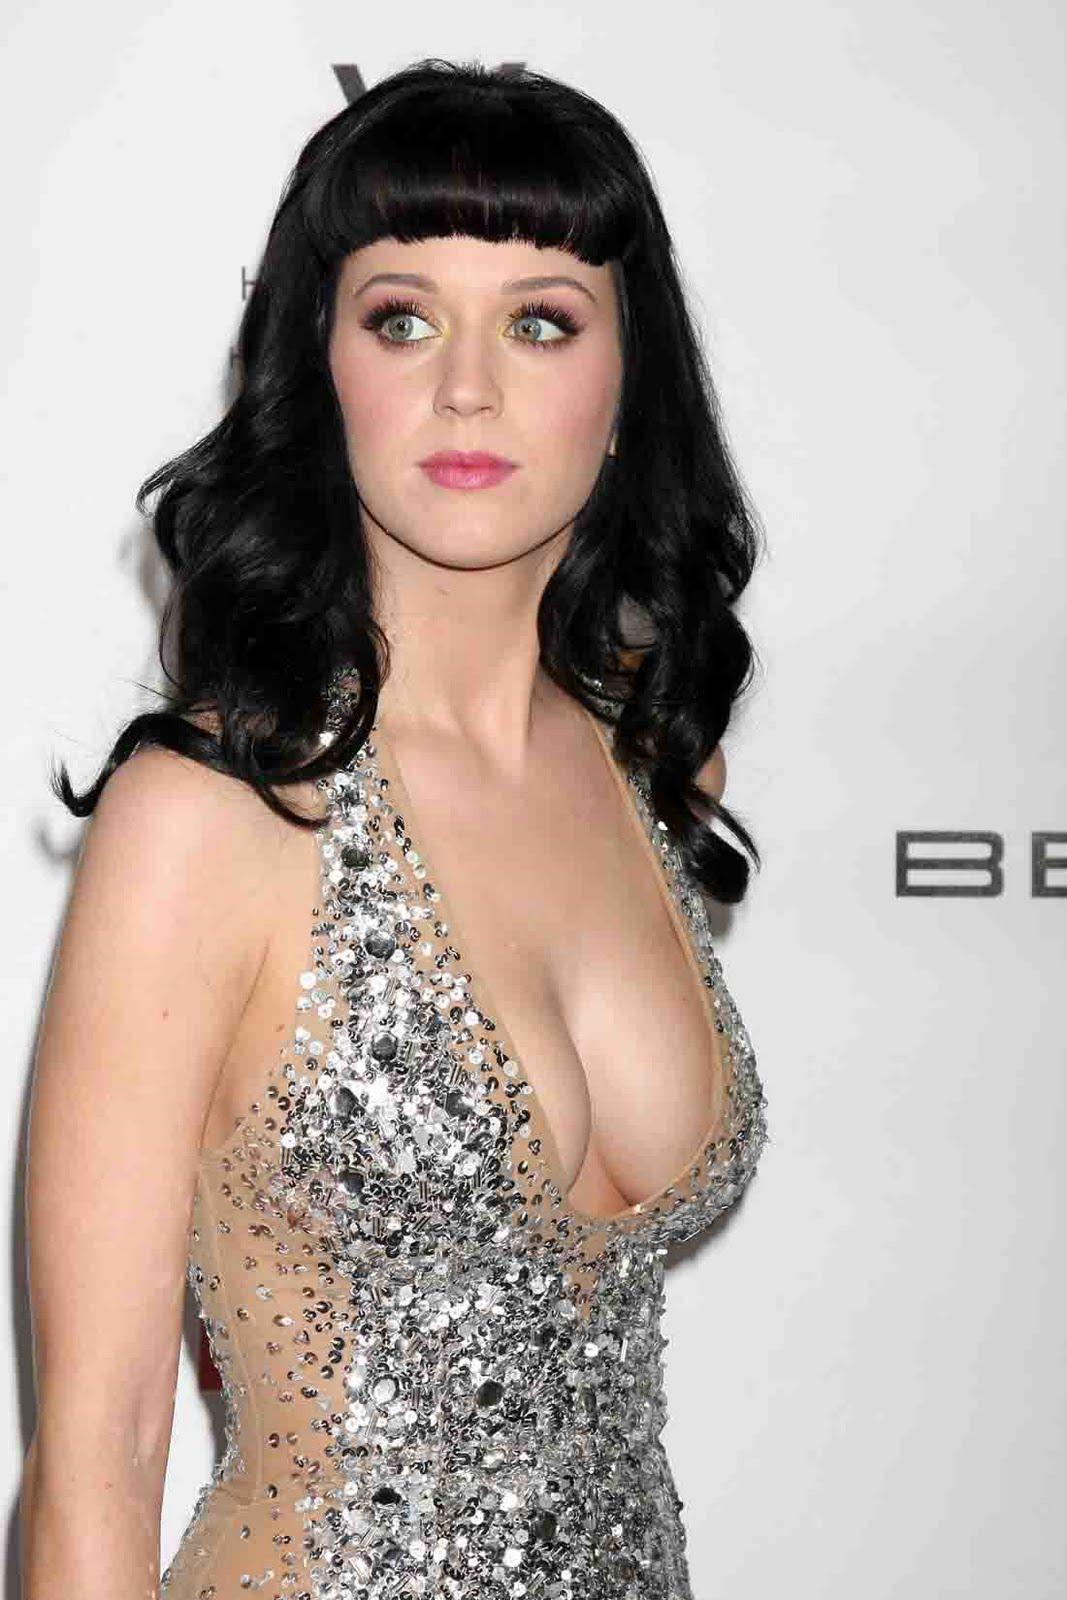 http://1.bp.blogspot.com/_MHXfnGgCj2E/S81JQalwB9I/AAAAAAAAEgI/sfDd7qbmCI8/s1600/katy-perry-grammy-side-boob.jpg